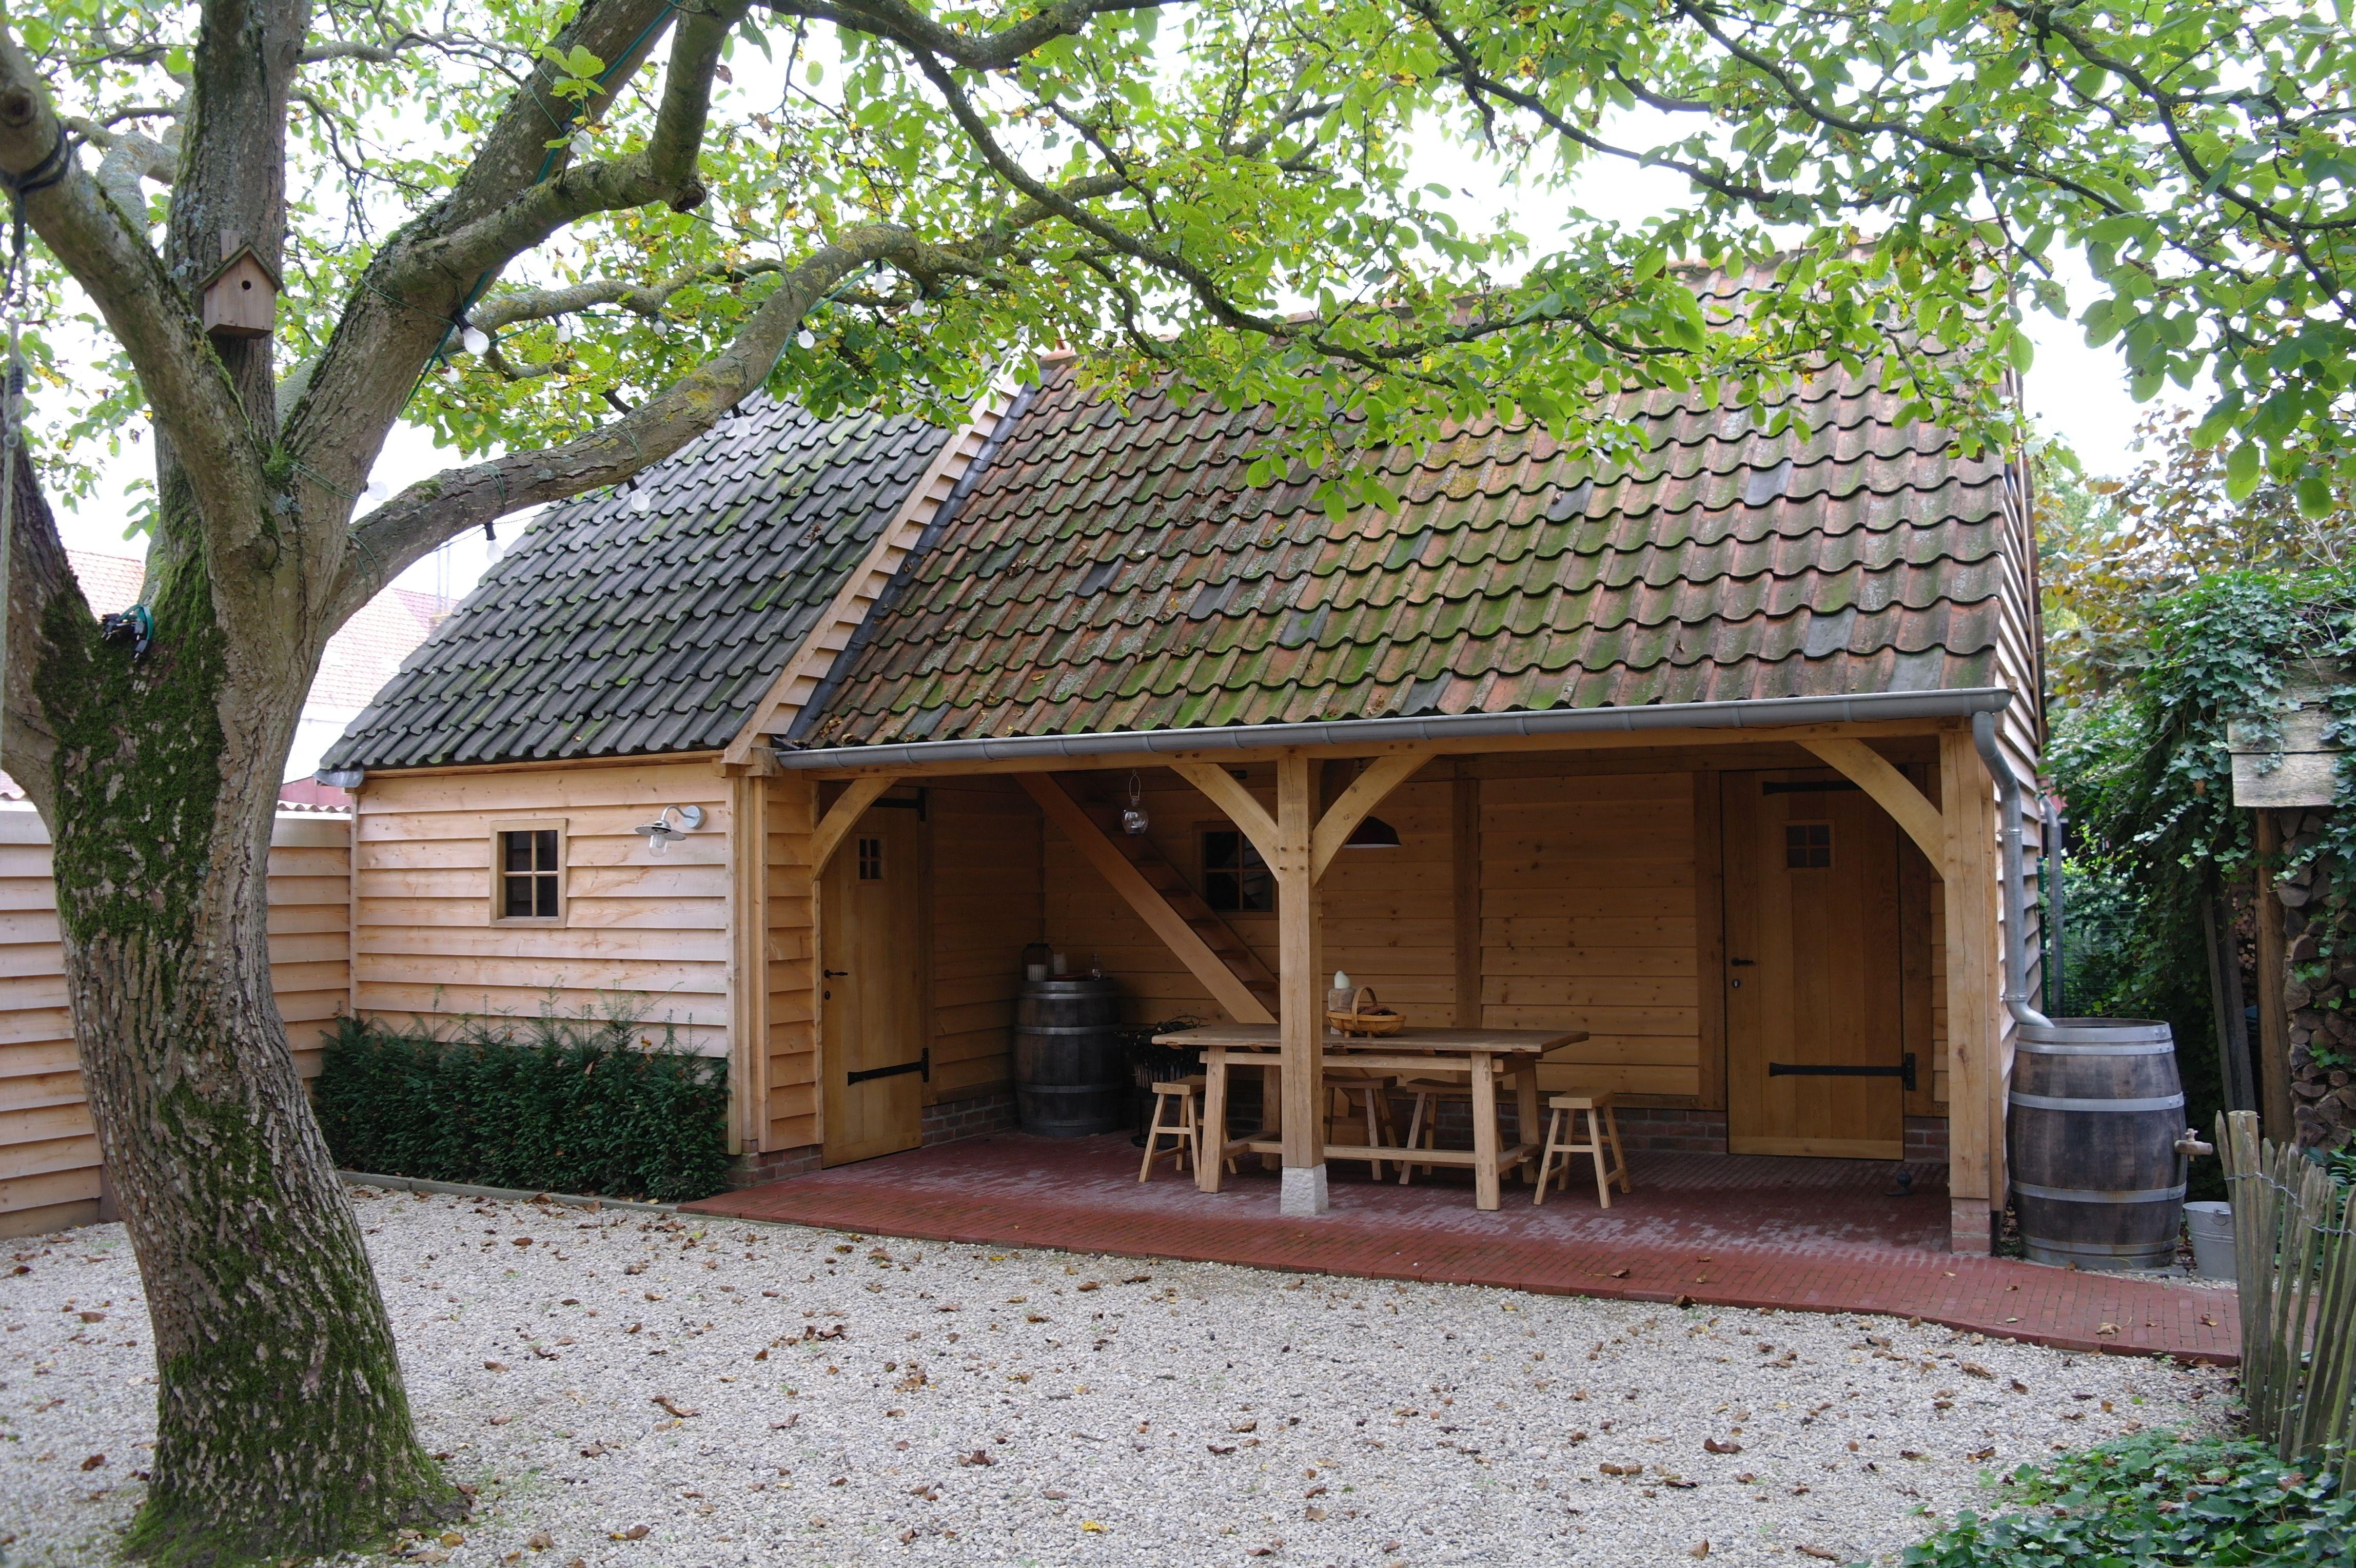 Multifunctioneel bijgebouw met overdekt terras garage berging en verdieping met balustrade - Overdekt terras in hout ...